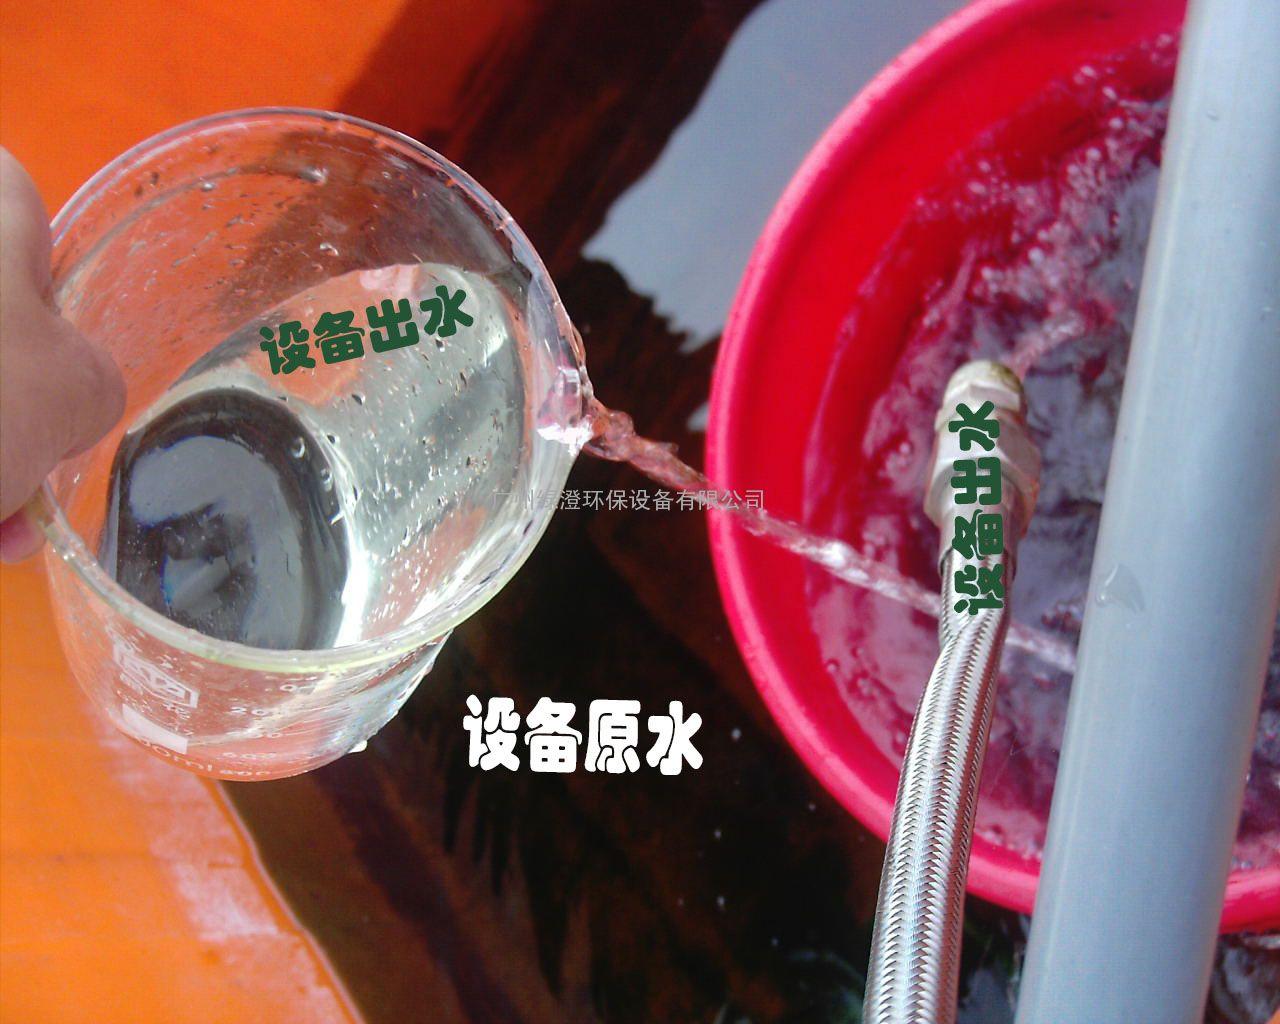 化工废水处理设备中水回用一体化圆罐型全自动超声波电芬顿装置